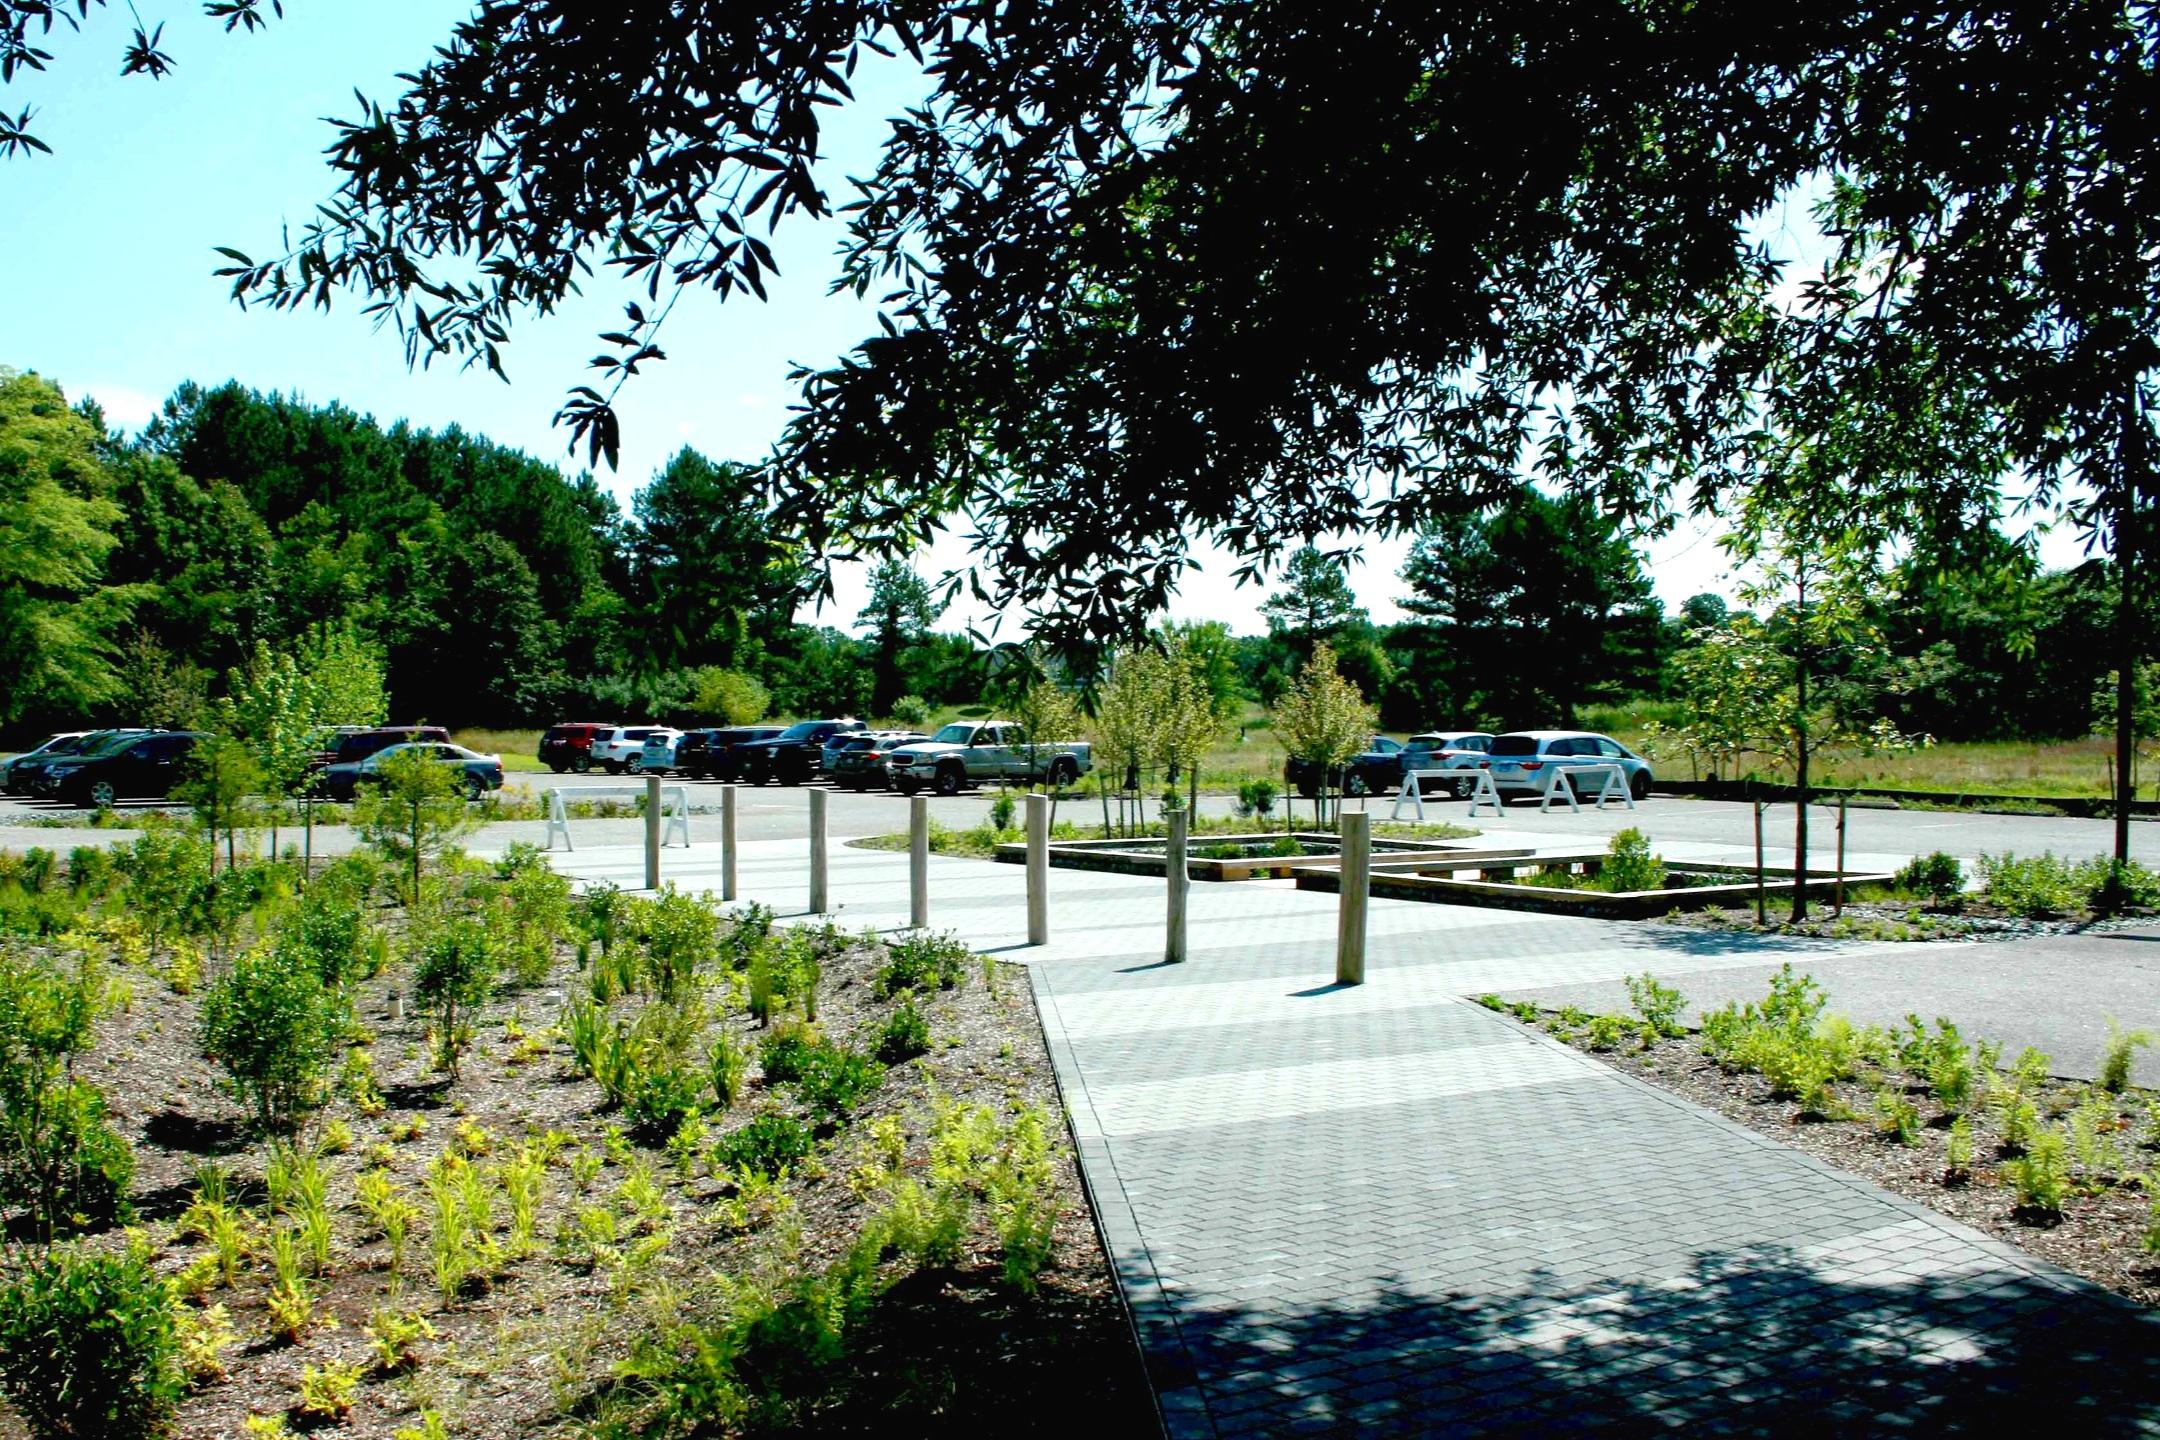 Adkins Arboretum-Permeable Pavement.jpg